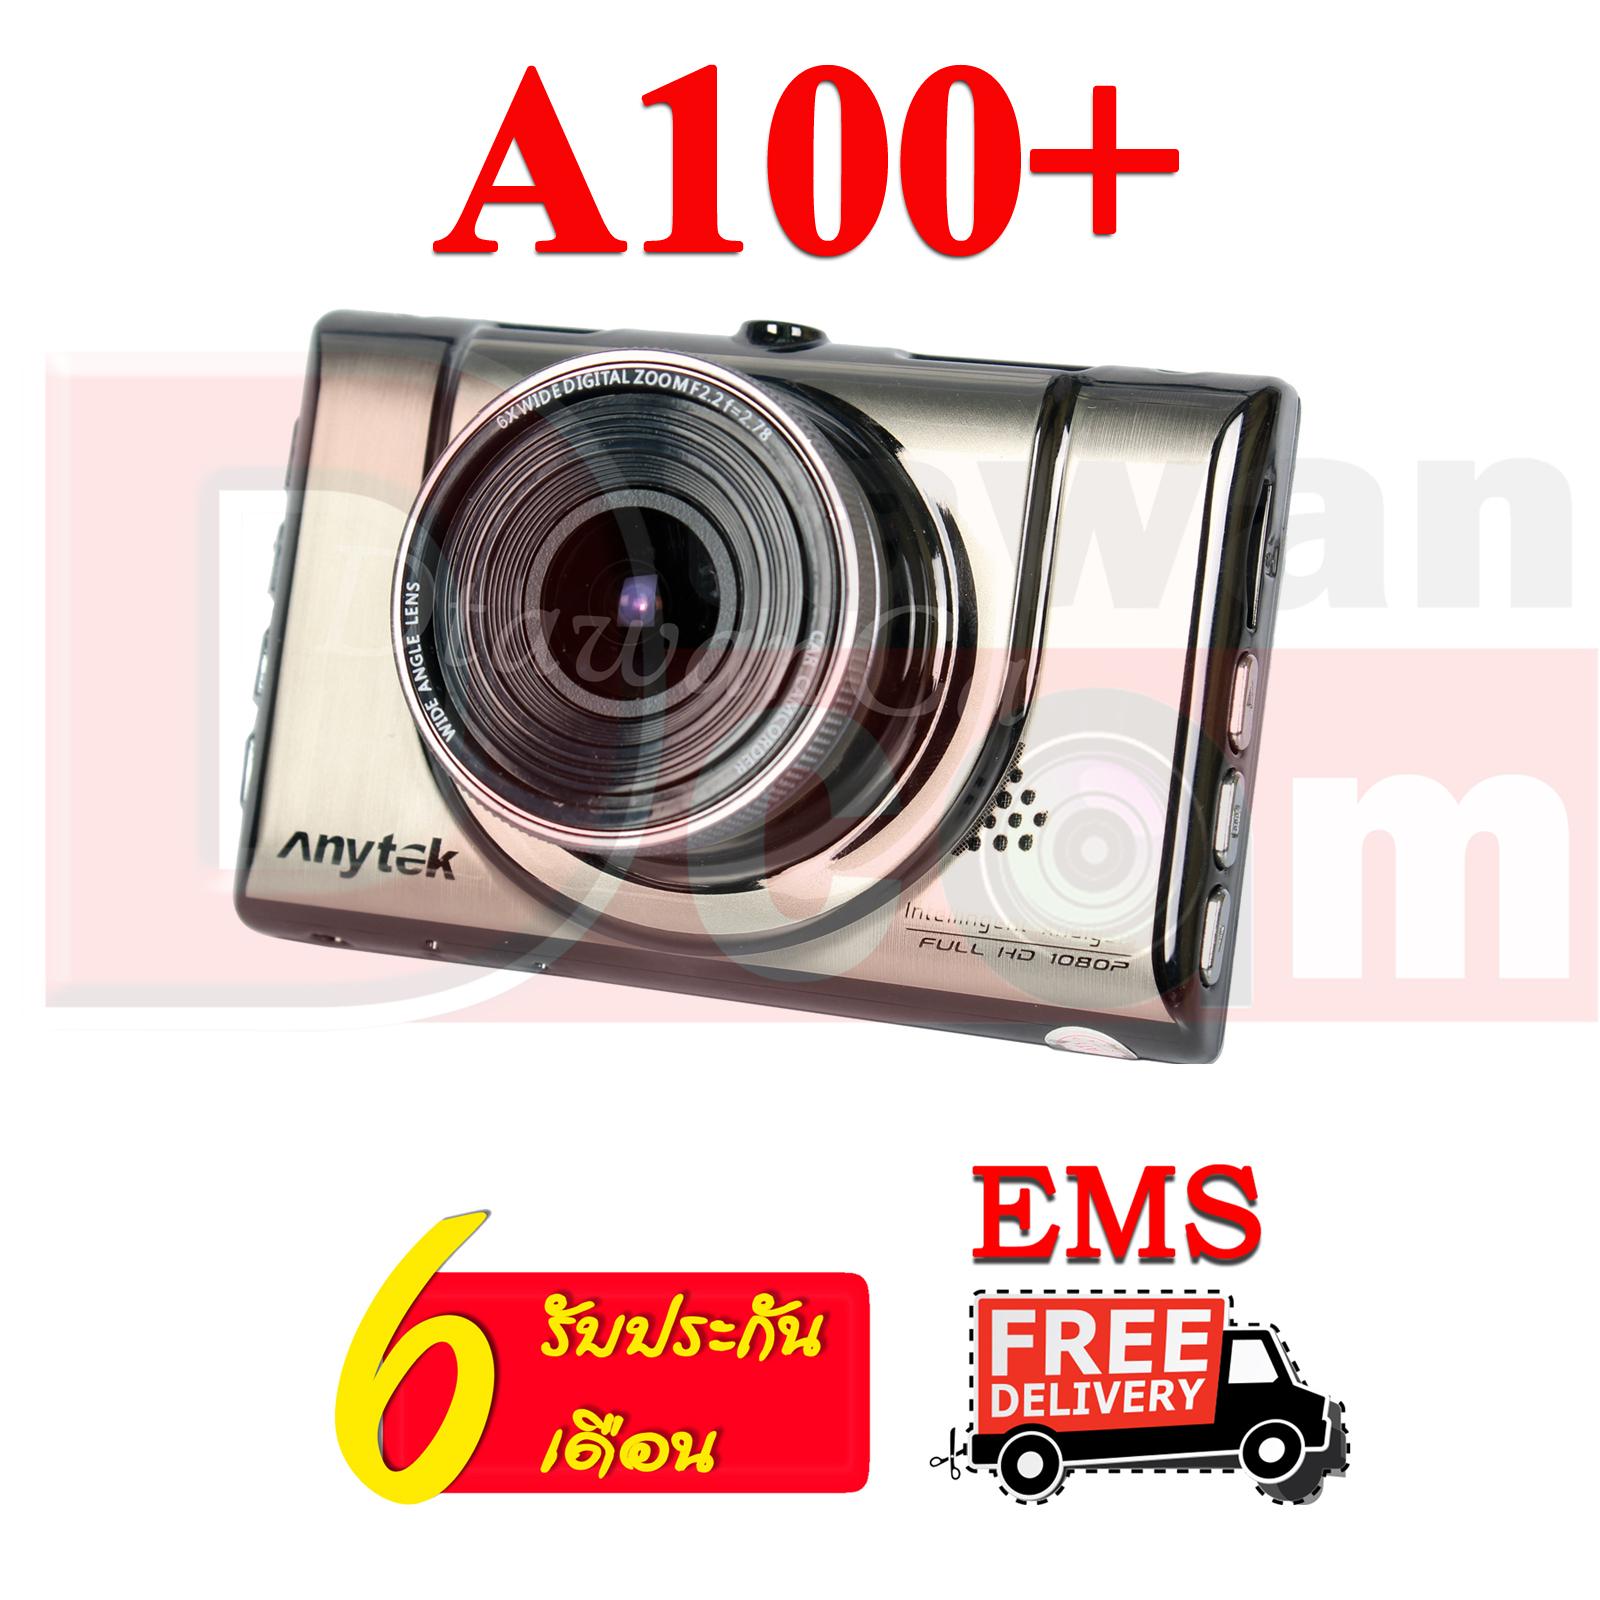 กล้องติดรถยนต์ Anytek A100+ FullHD Super Night Vision ภาพกลางคืนคมชัดสูงสุด ด้วยฟังค์ชัน HDR